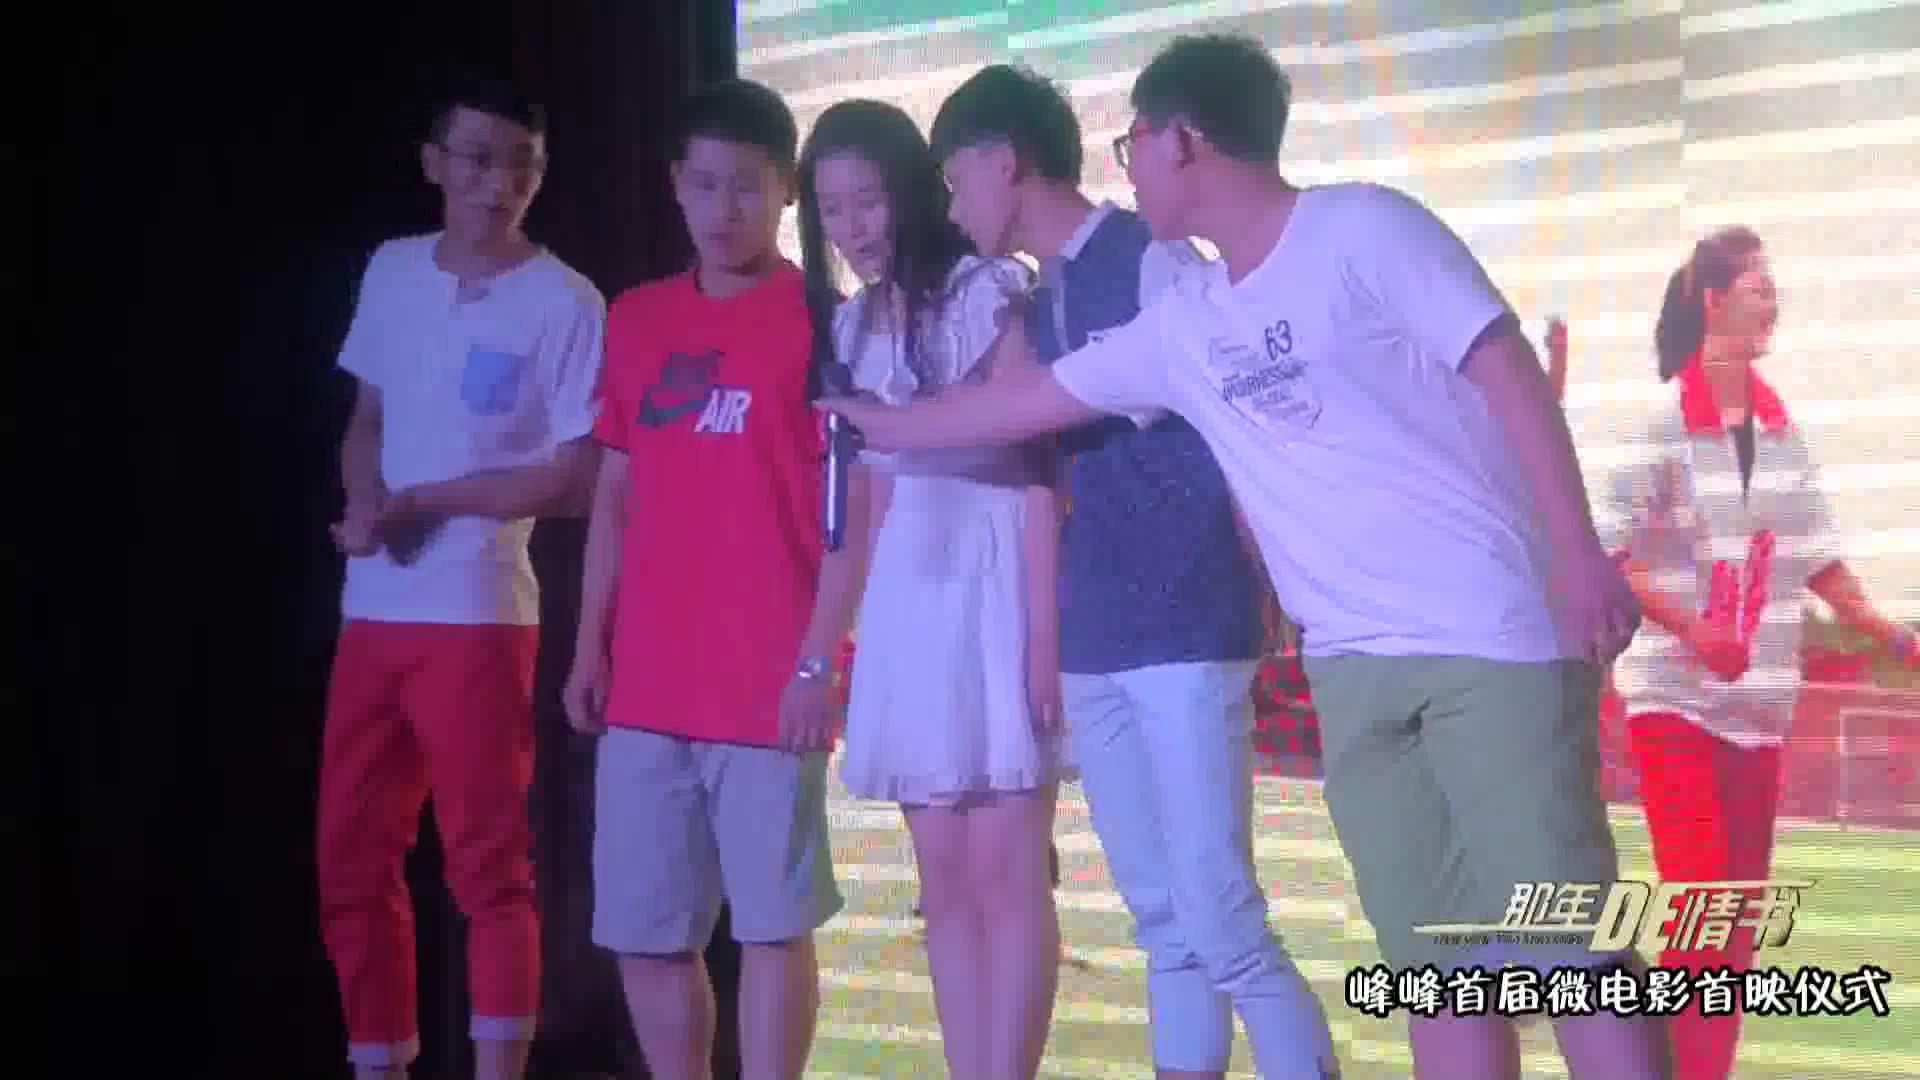 峰峰微电影《那年的情书》发布会视频完整版